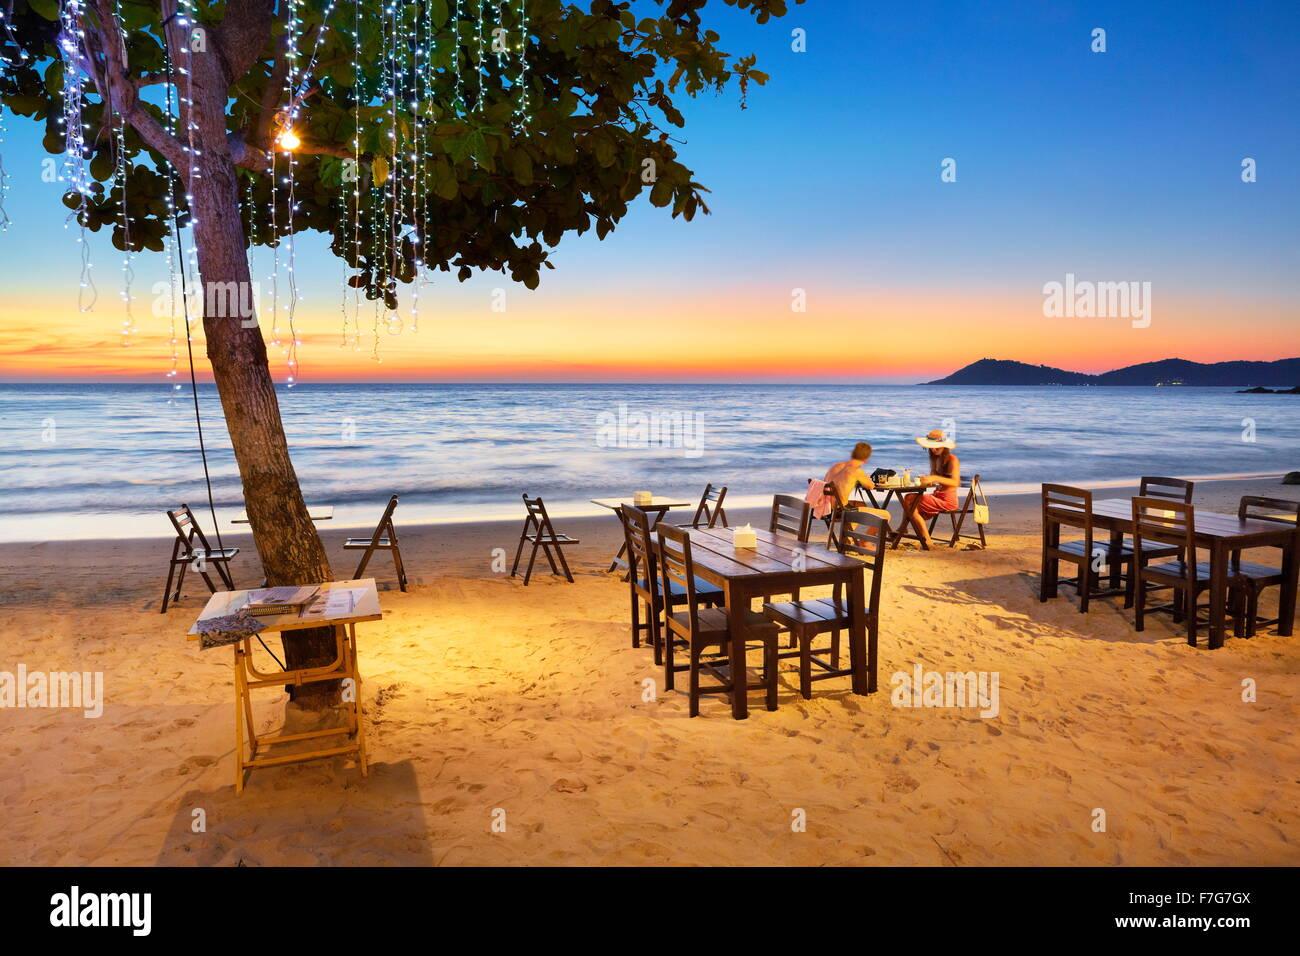 El restaurante de la playa después del atardecer, Isla de Koh Samet, Tailandia Imagen De Stock